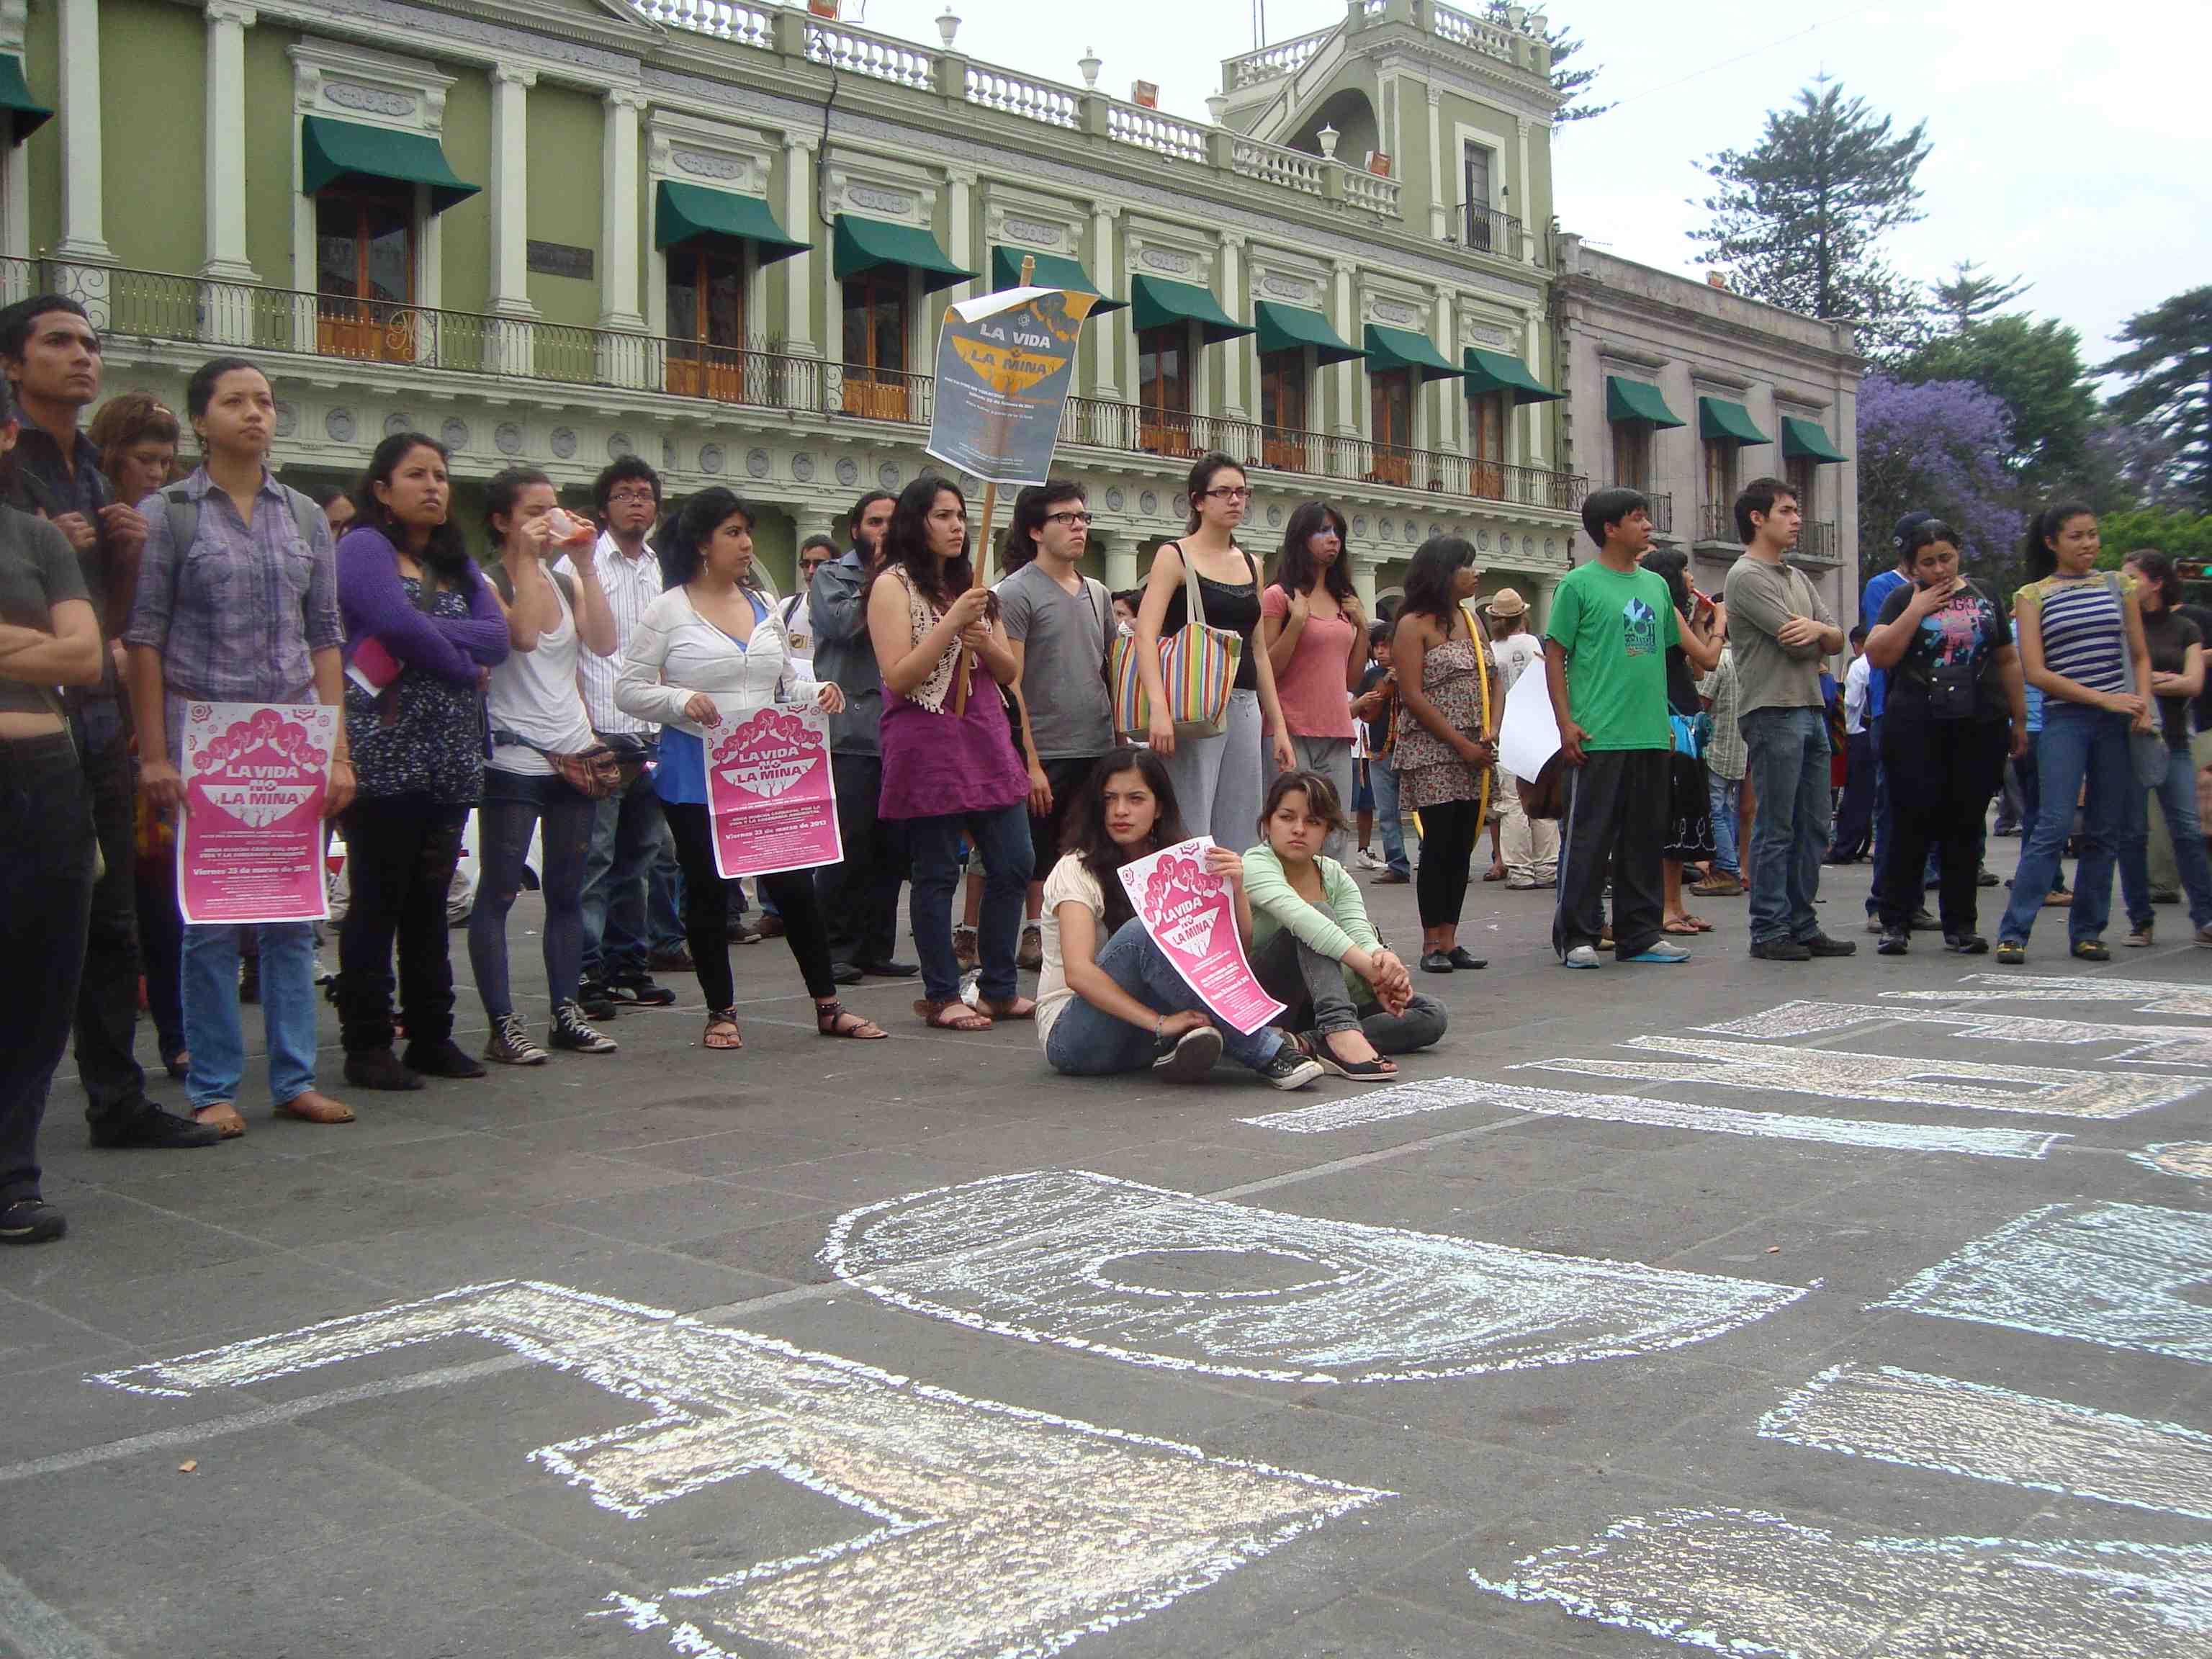 Concurrida y colorida marcha carnaval en Xalapa, exigieron la clausura definitiva de la mina Caballo Blanco